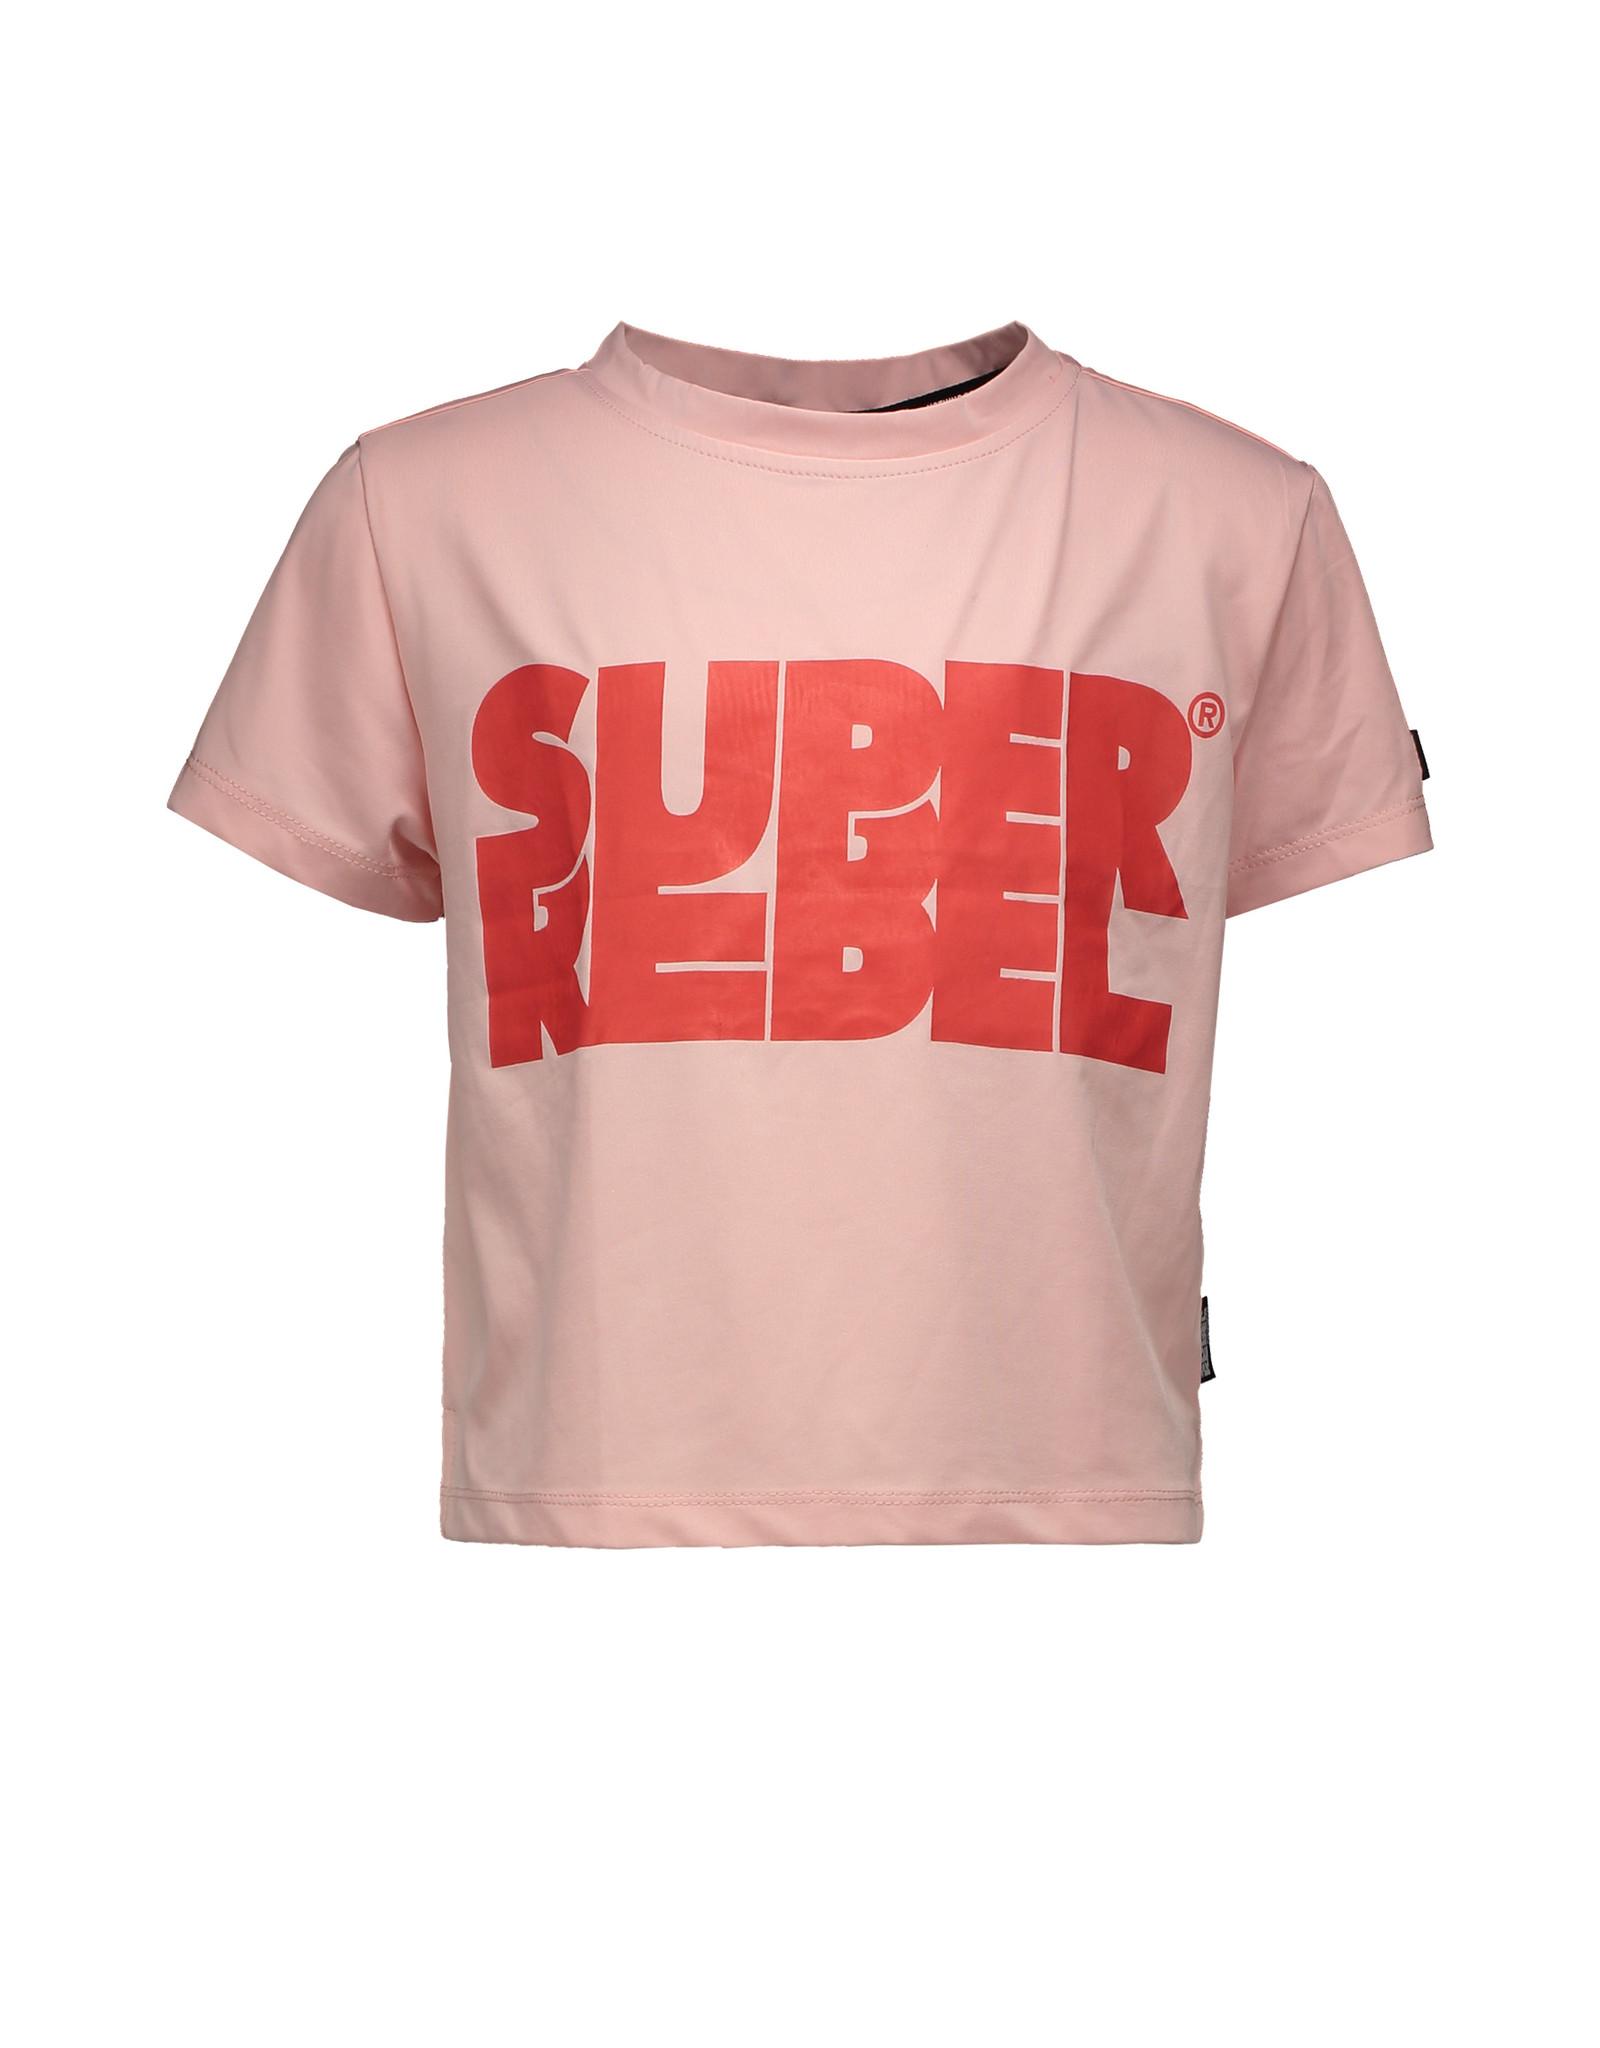 Super Rebel SuperRebel T-shirt short Light Pink